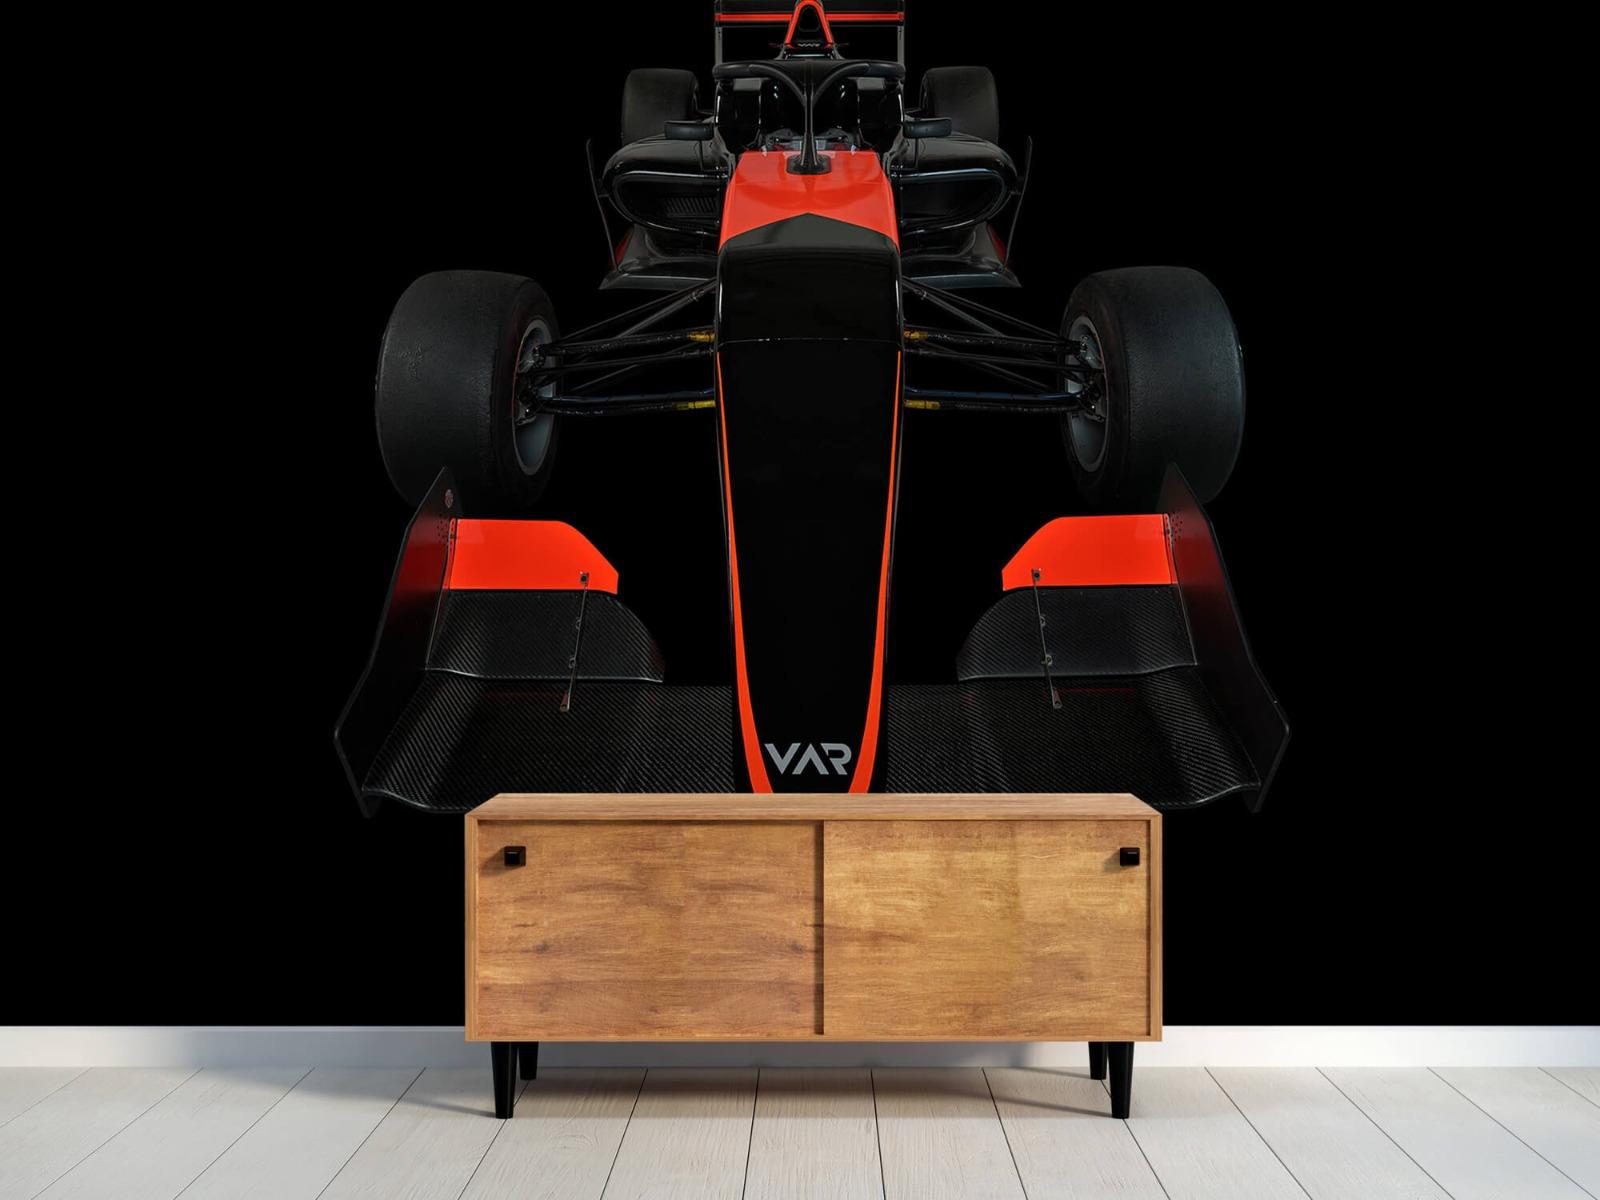 Sportauto's - Formule 3 - Front view - dark - Tienerkamer 10